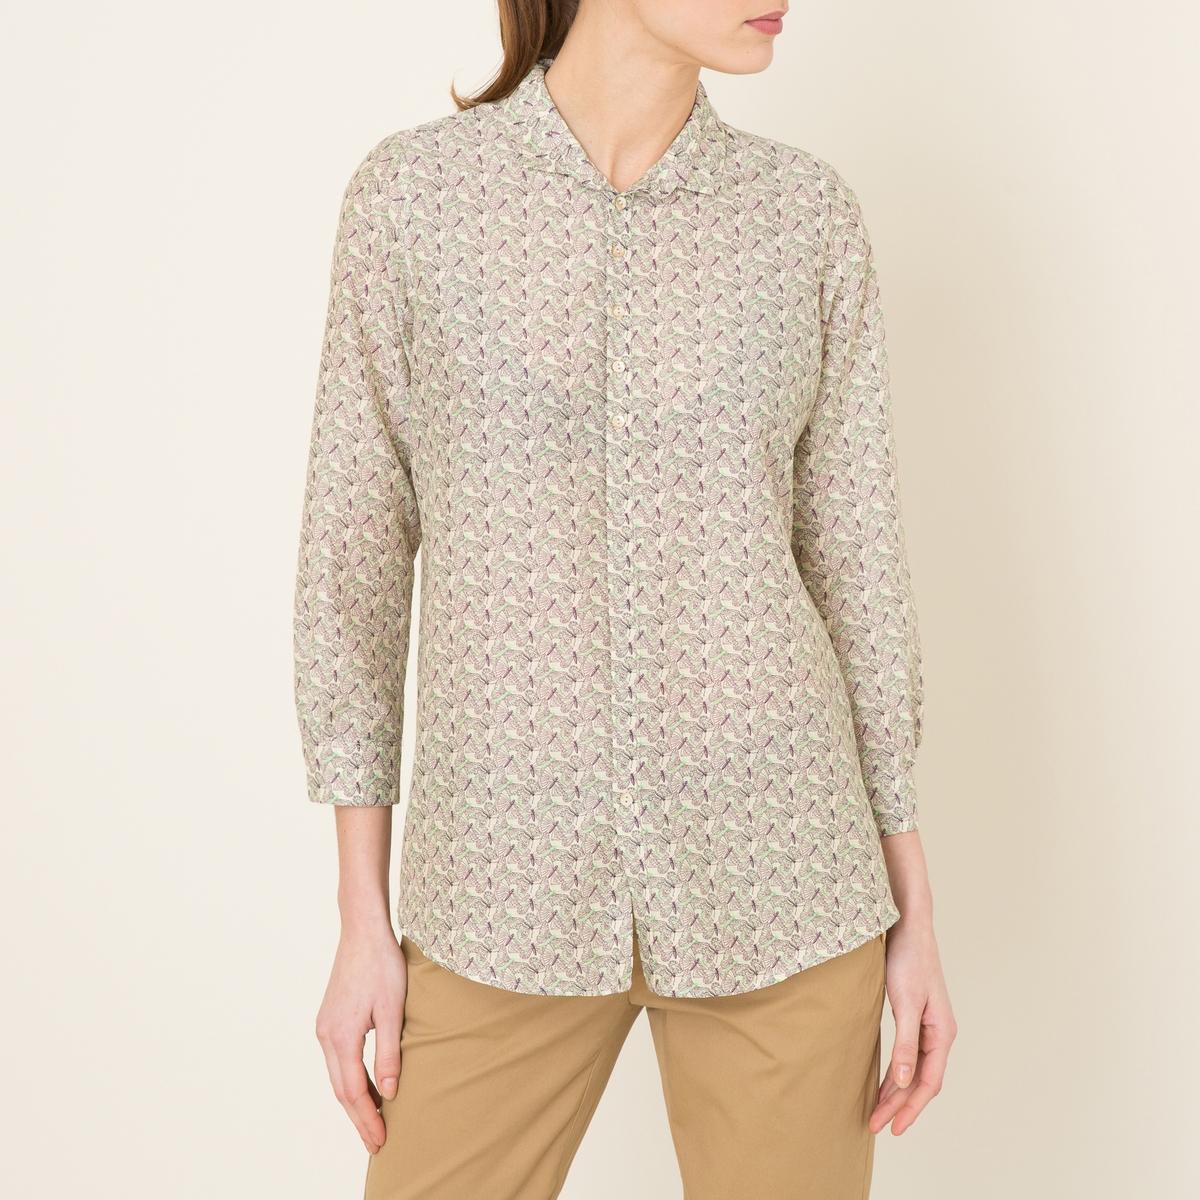 Рубашка CANNOLOСостав и описание    Материал : 80% хлопка, 20% шелка   Марка : MOMONI<br><br>Цвет: наб. рисунок/ розовый